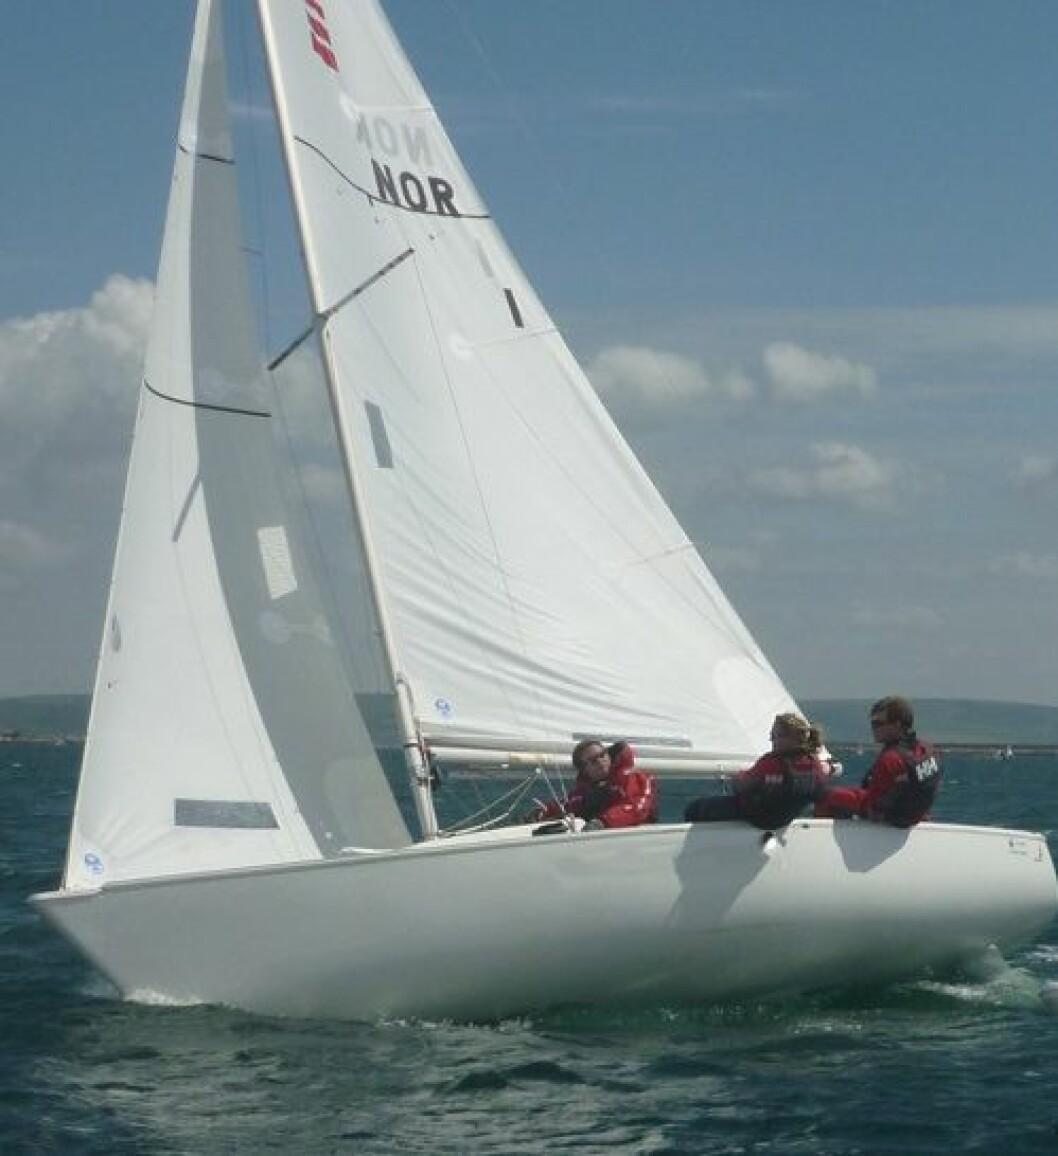 Team Sonar har store forventninger til VM regattaen